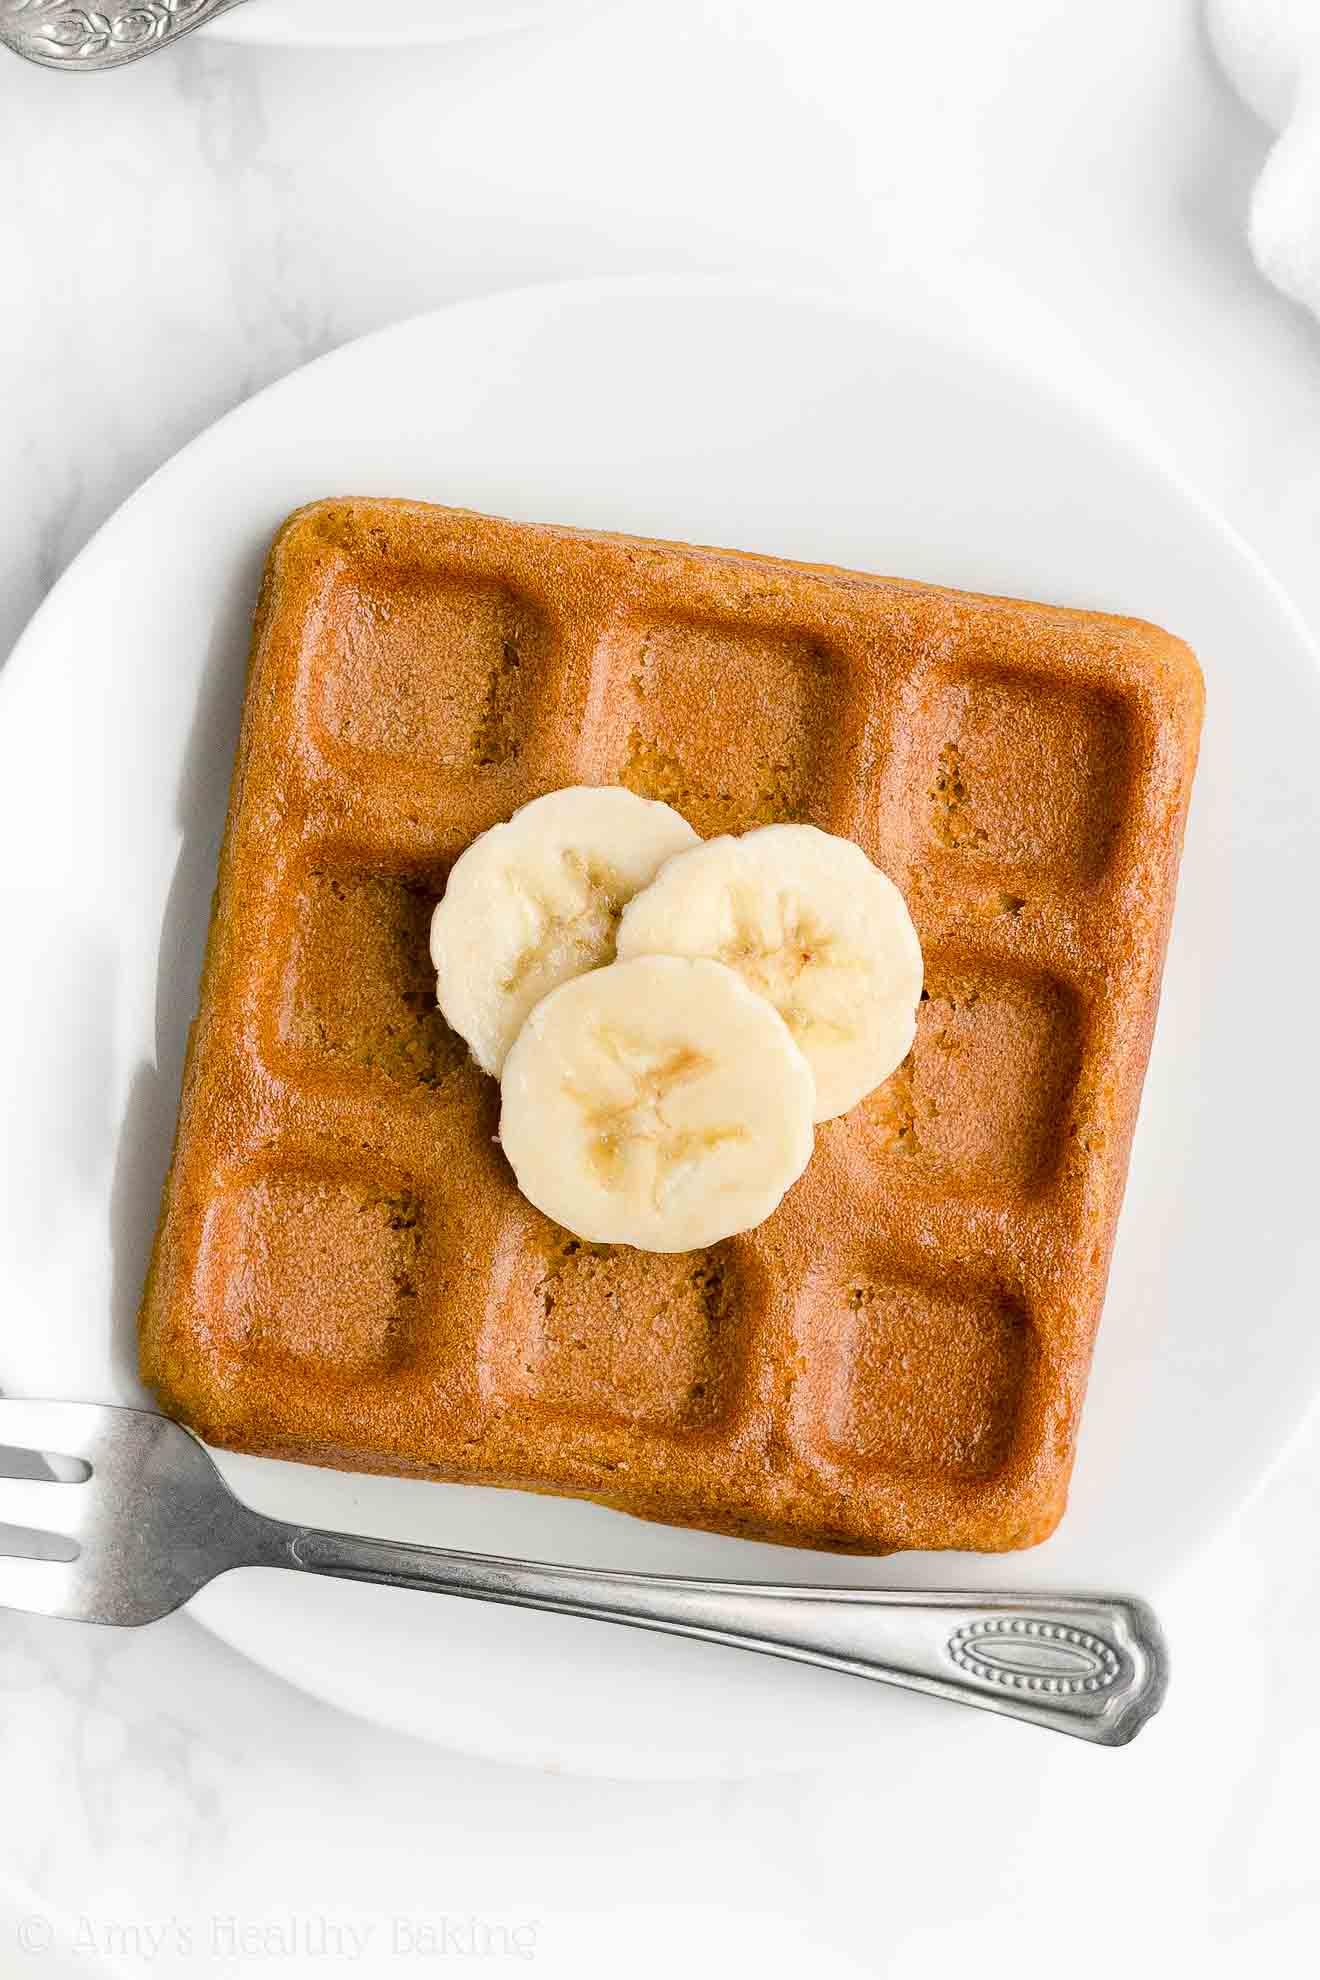 Best Easy Healthy Gluten Free Dairy Free Sugar Free Crispy Fluffy Banana Waffles